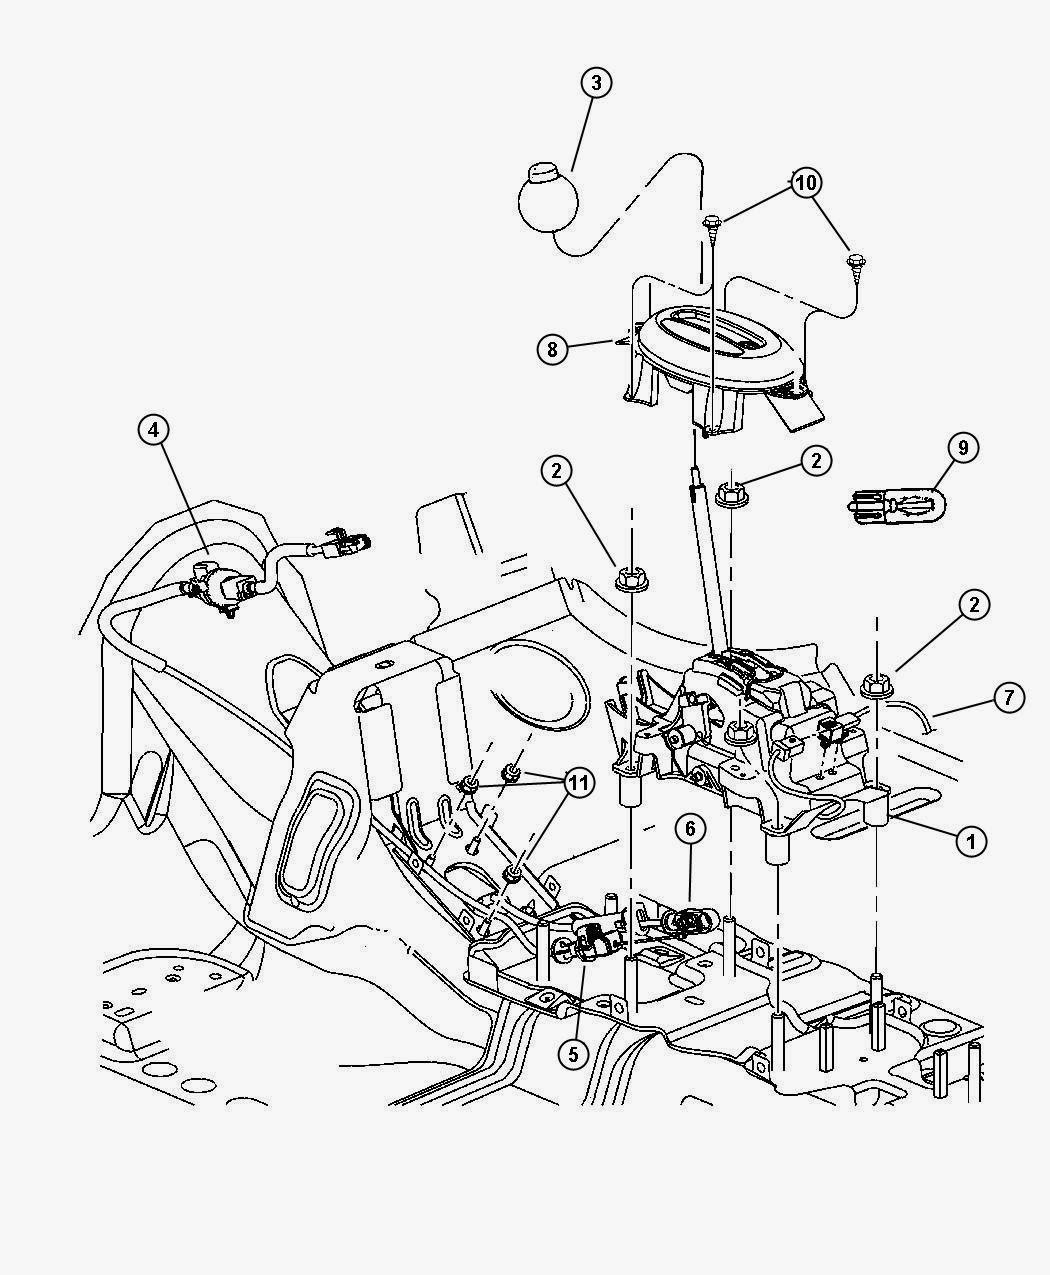 Transmission Automotive Engineering Fundamental Dodge